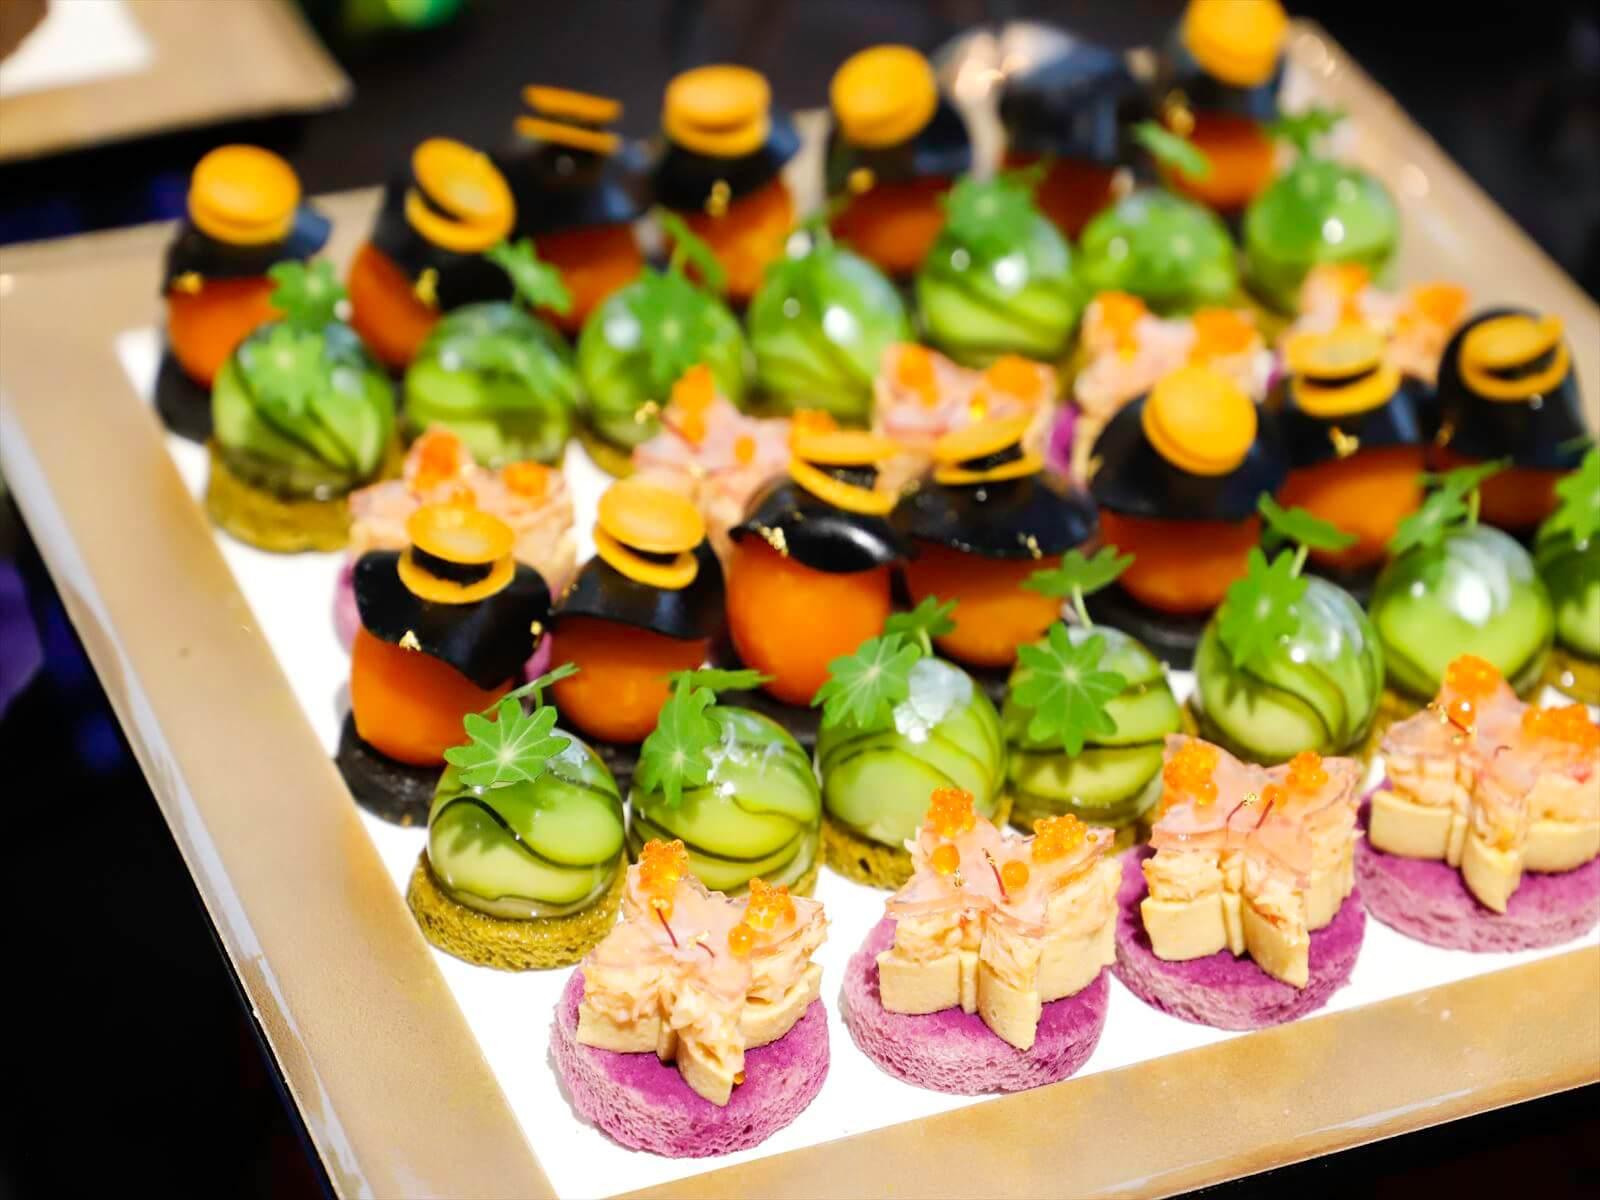 【ボリューム満点】洋食中心!フォリクラッセの本格パーティー向け豪華ケータリングプラン画像0